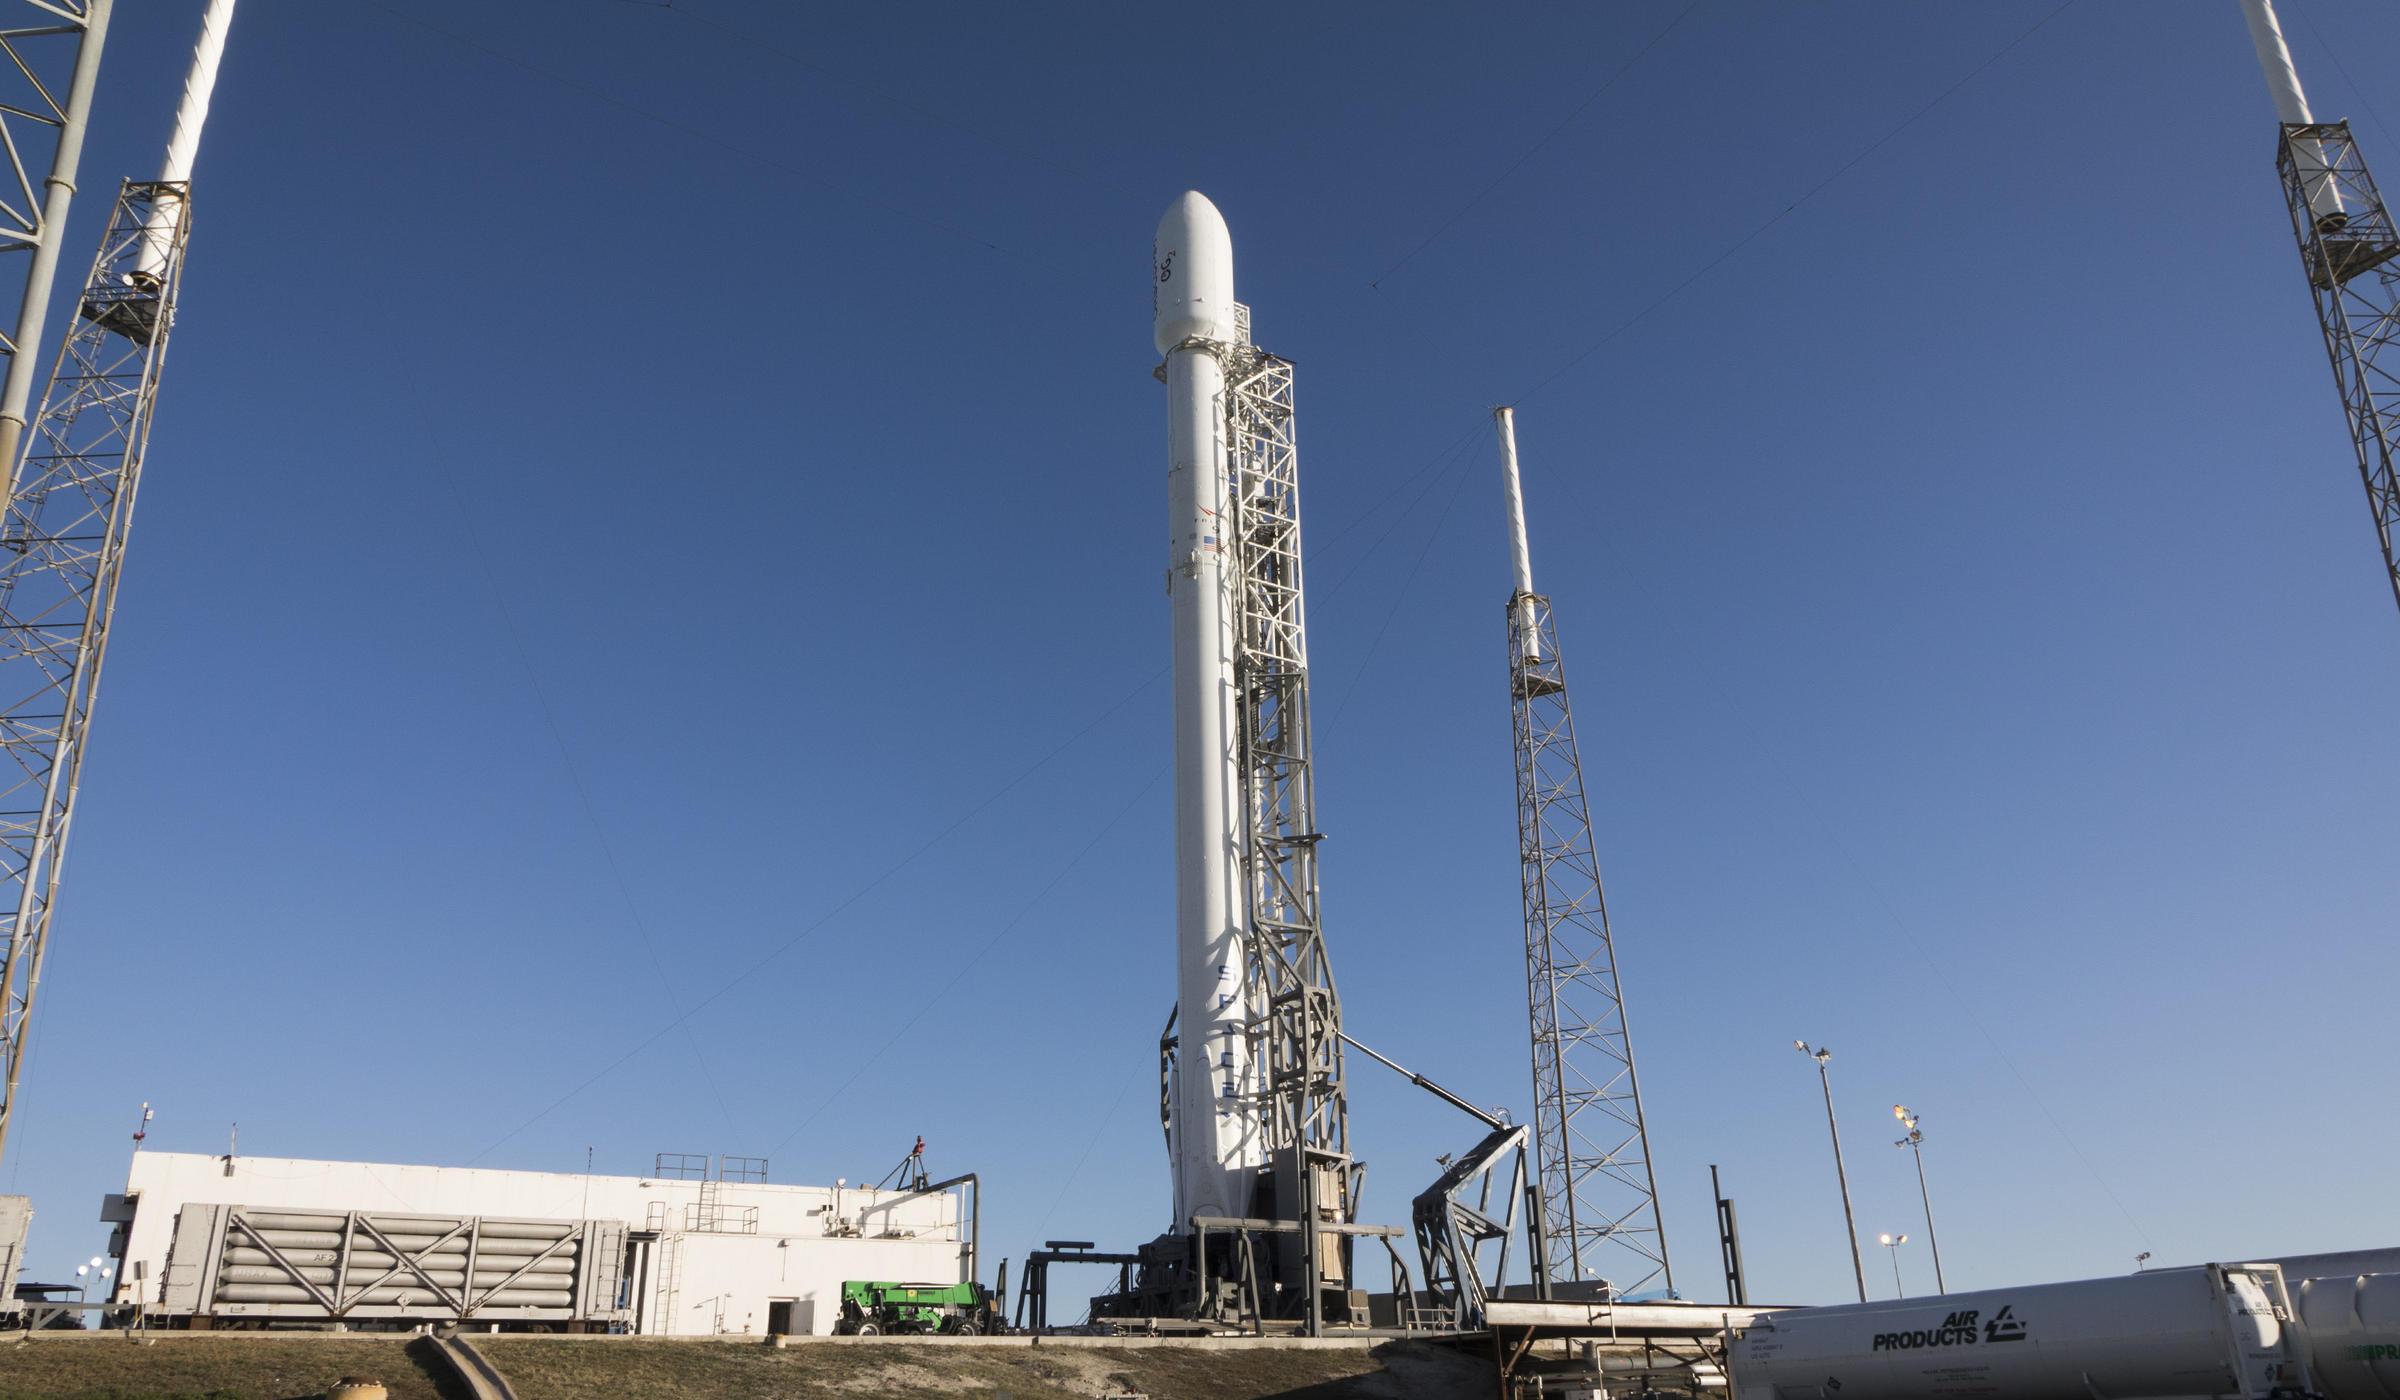 SpaceX Falcon 9 Launch Dec 21st   WFIT